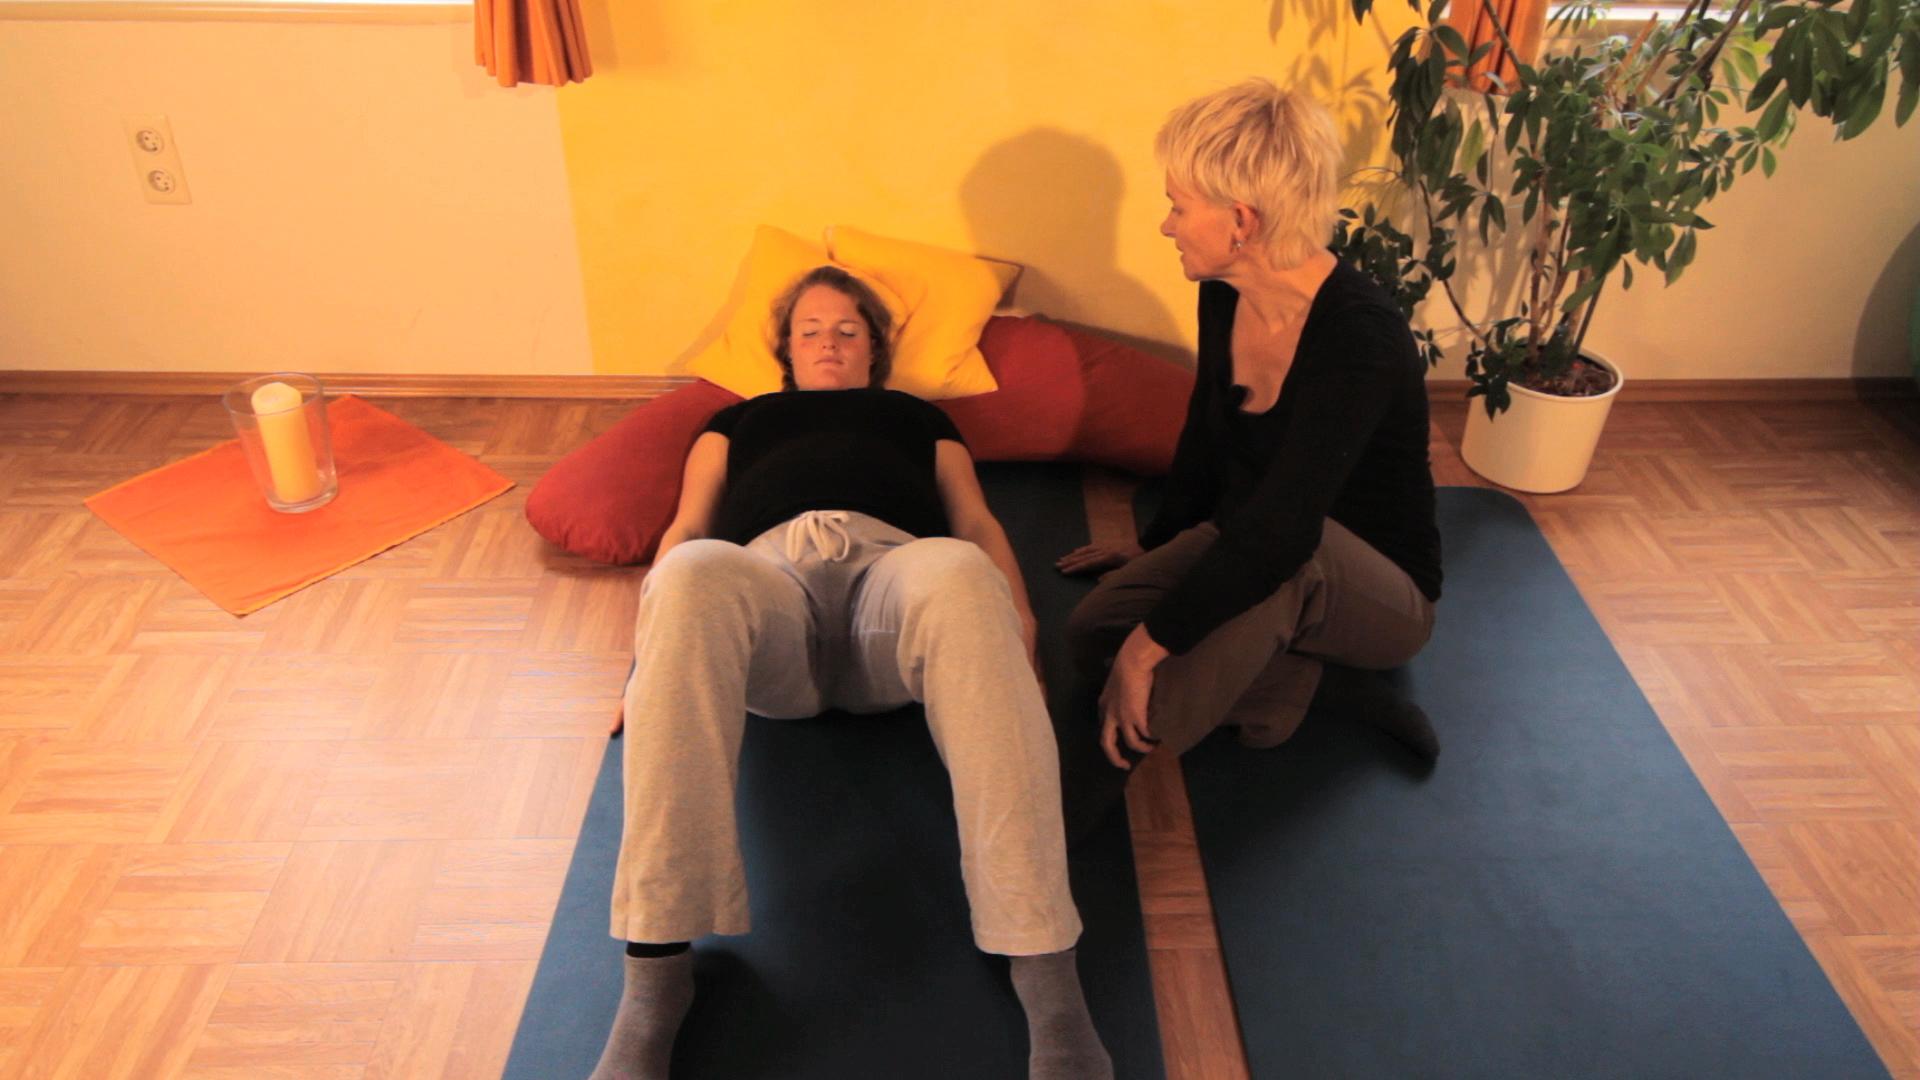 Entspannungsübung zum Mitmachen